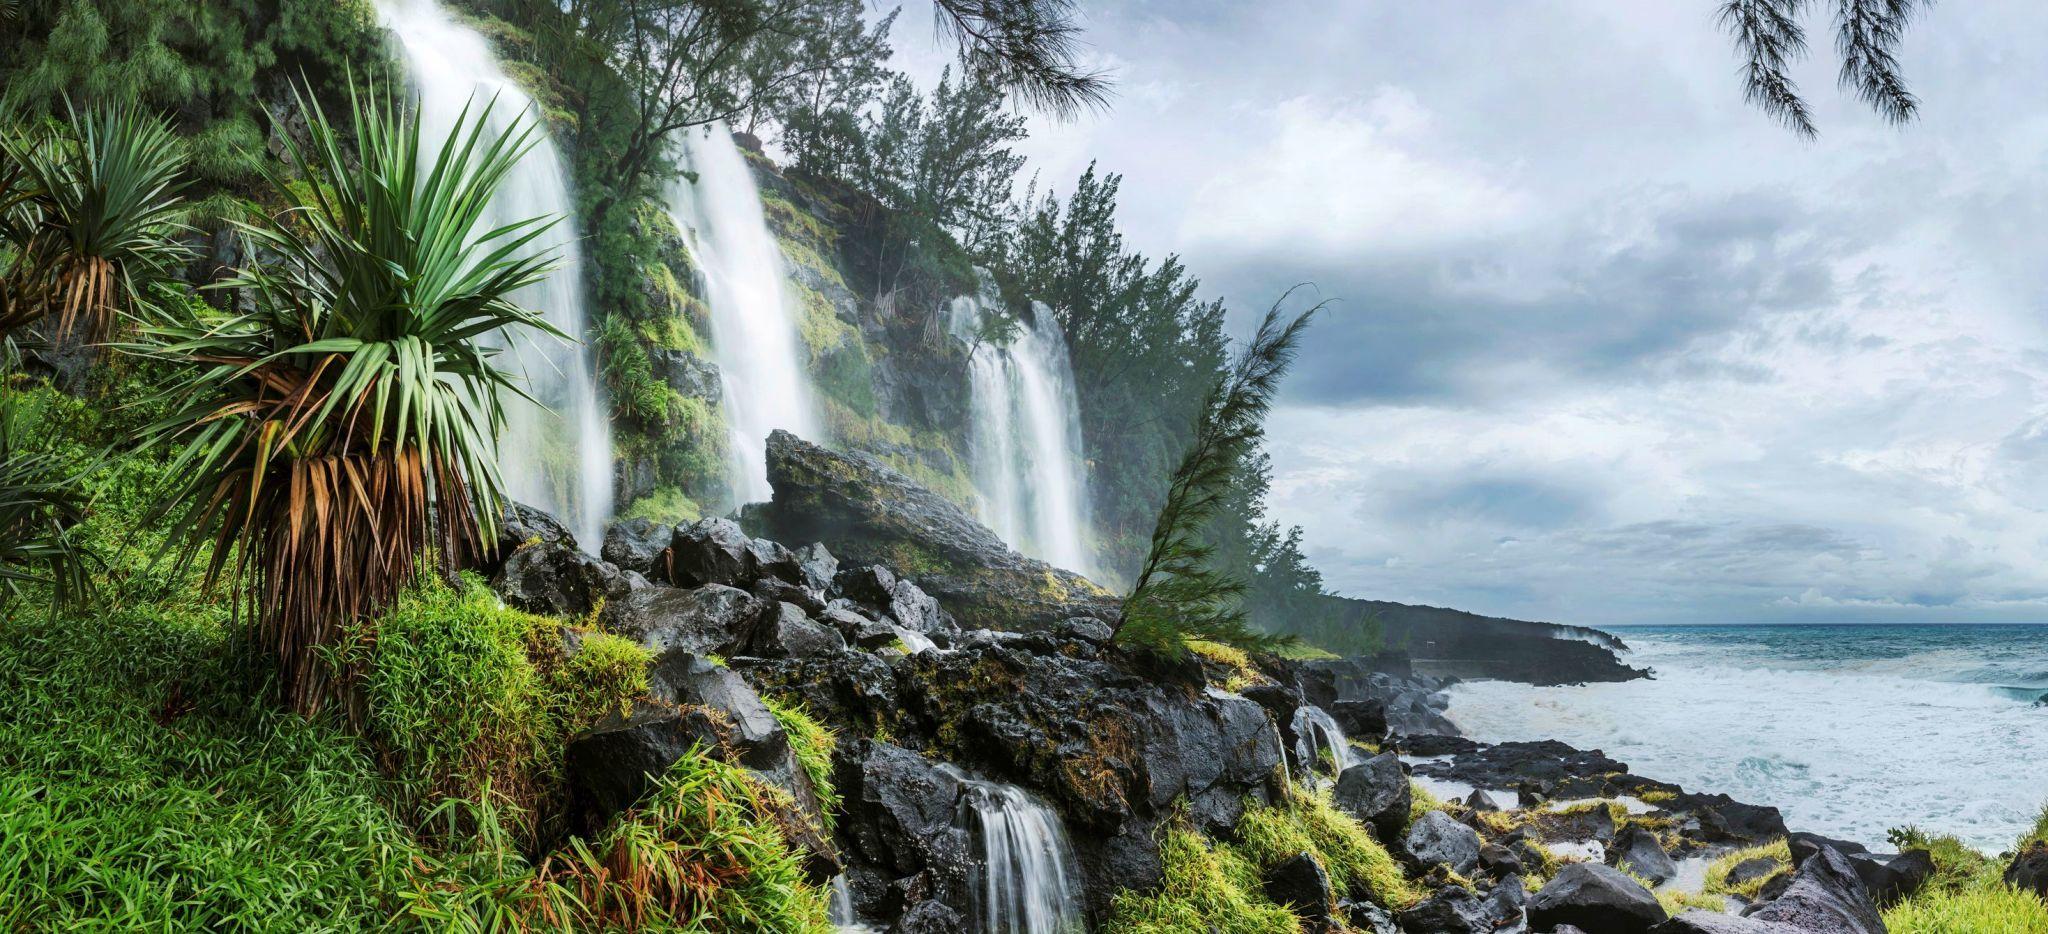 Wasserfall direkt am Meer auf La Réunion